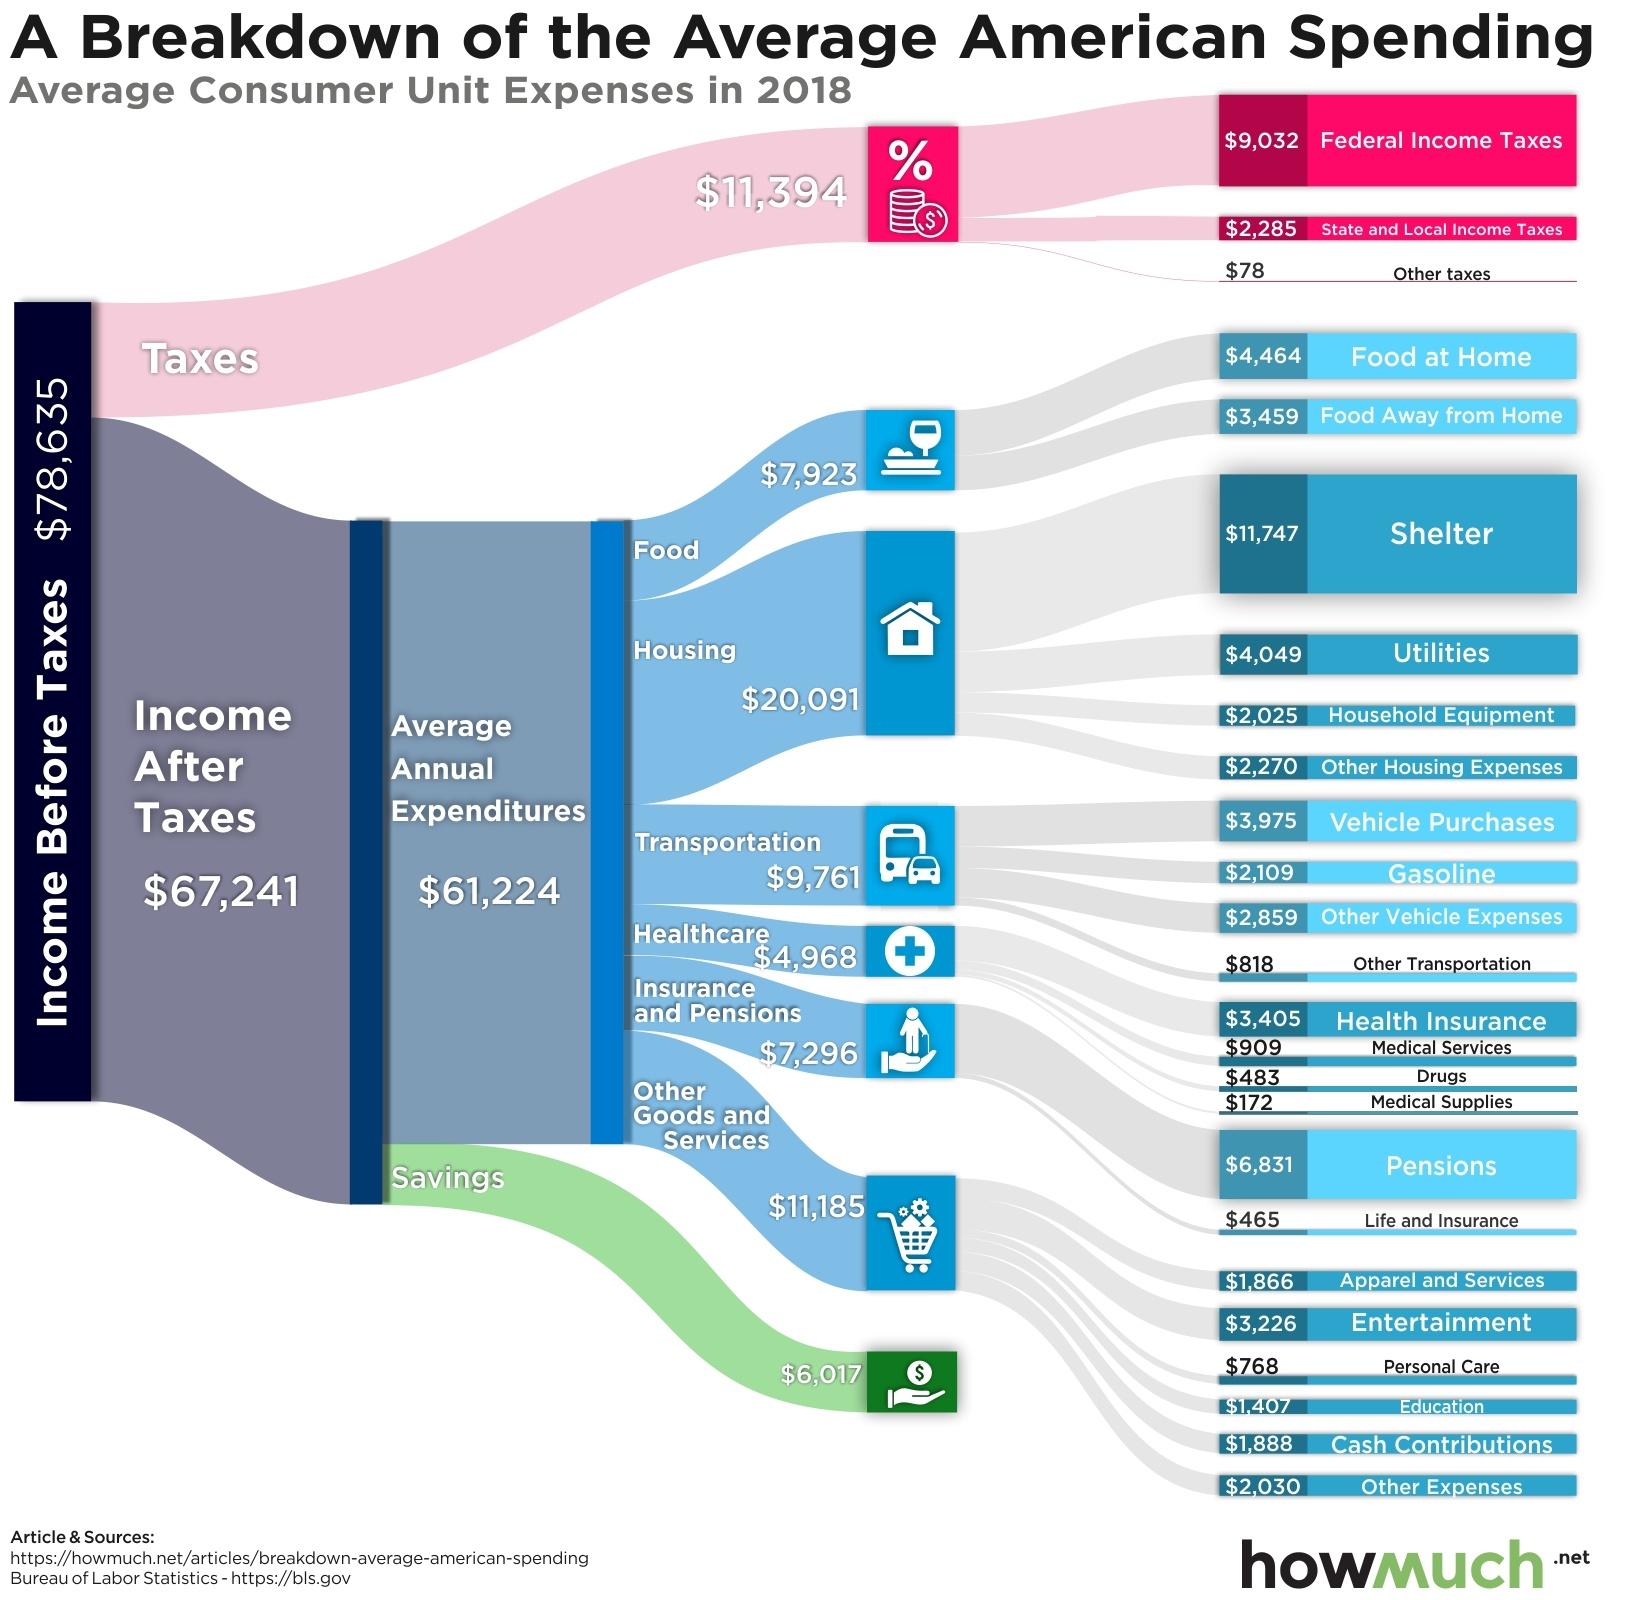 Breakdown Of Avg. American Spending